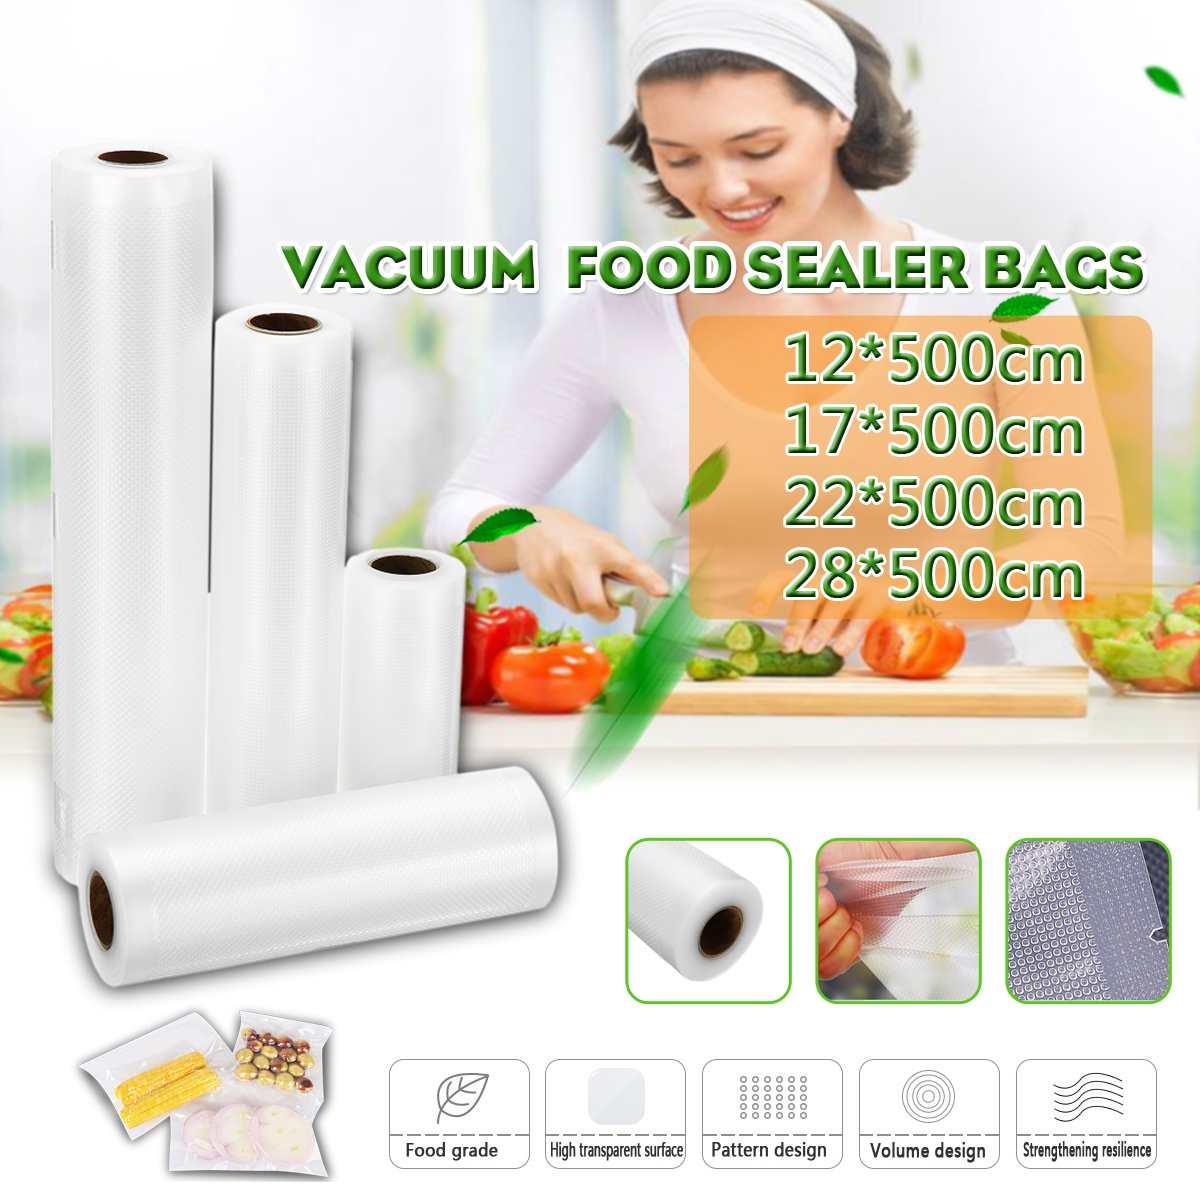 12/17/22/28cm X 500cm Rolls Food Vacuum Bag Seal For Vacuum Sealer Packaging Rolls Storage Bags Keep Food Fresh